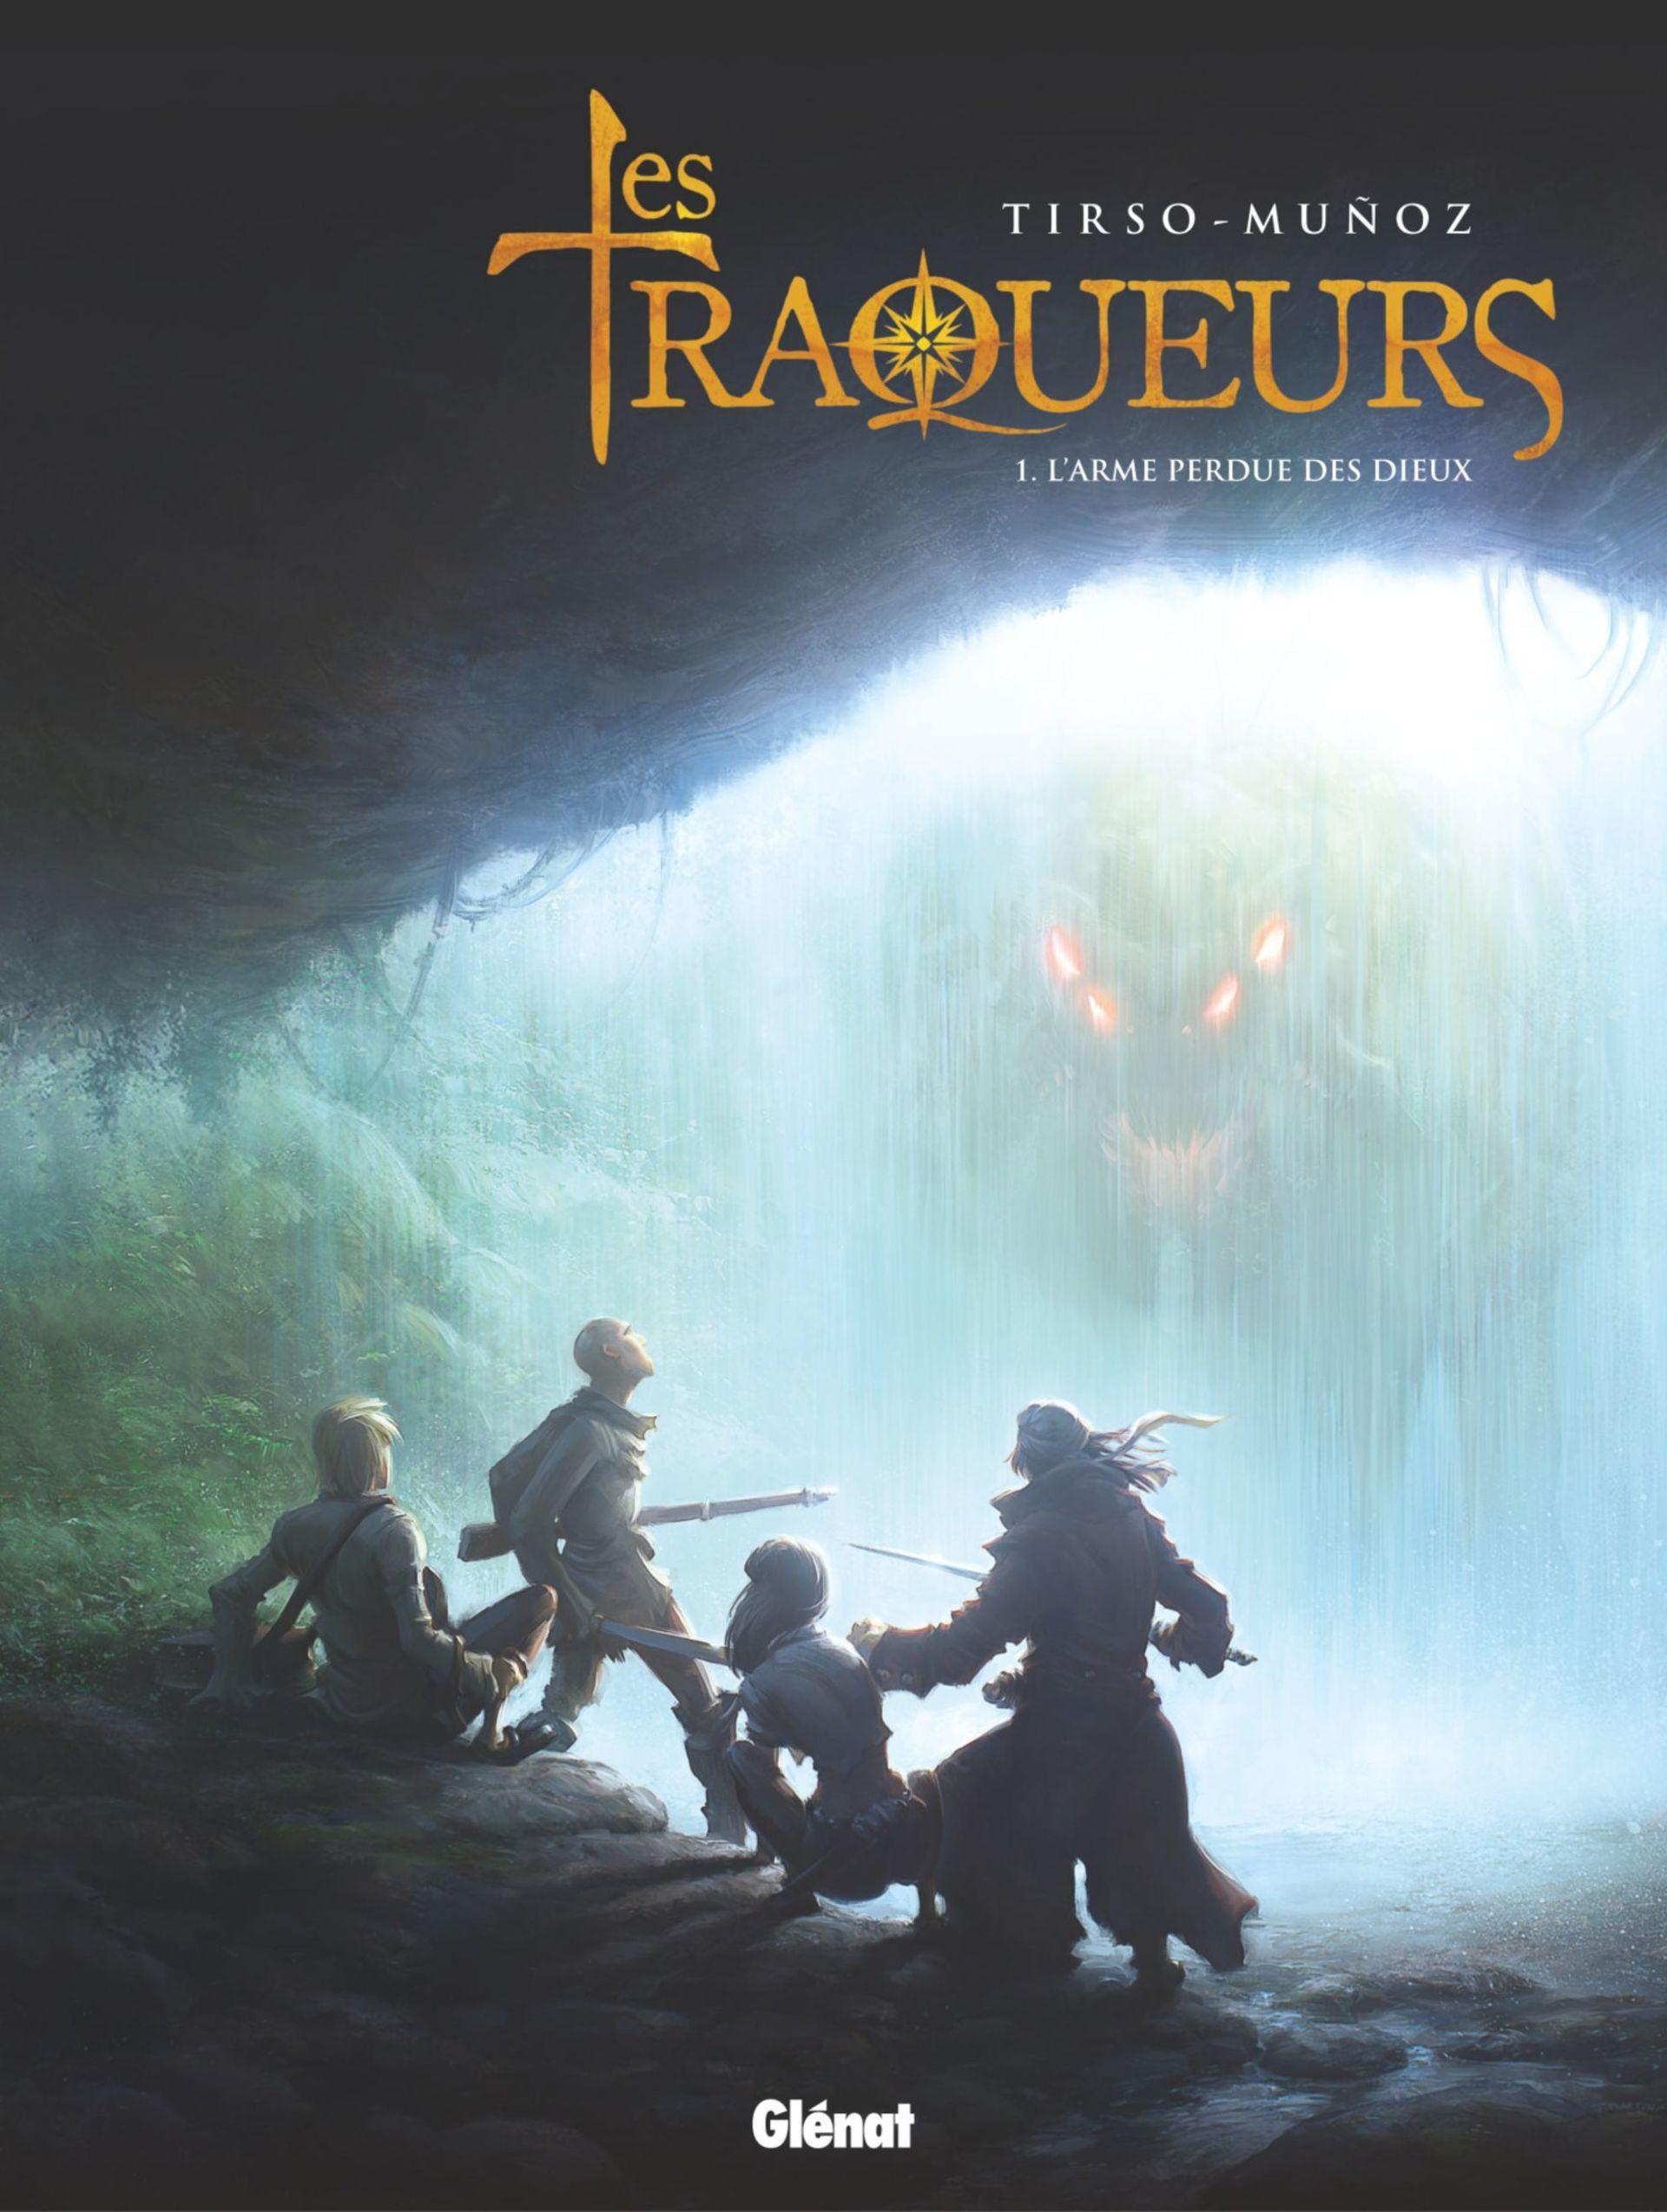 Traqueurs T1 (couverture et pages 9 et 15) : le héros et la créature (Glénat 2017)